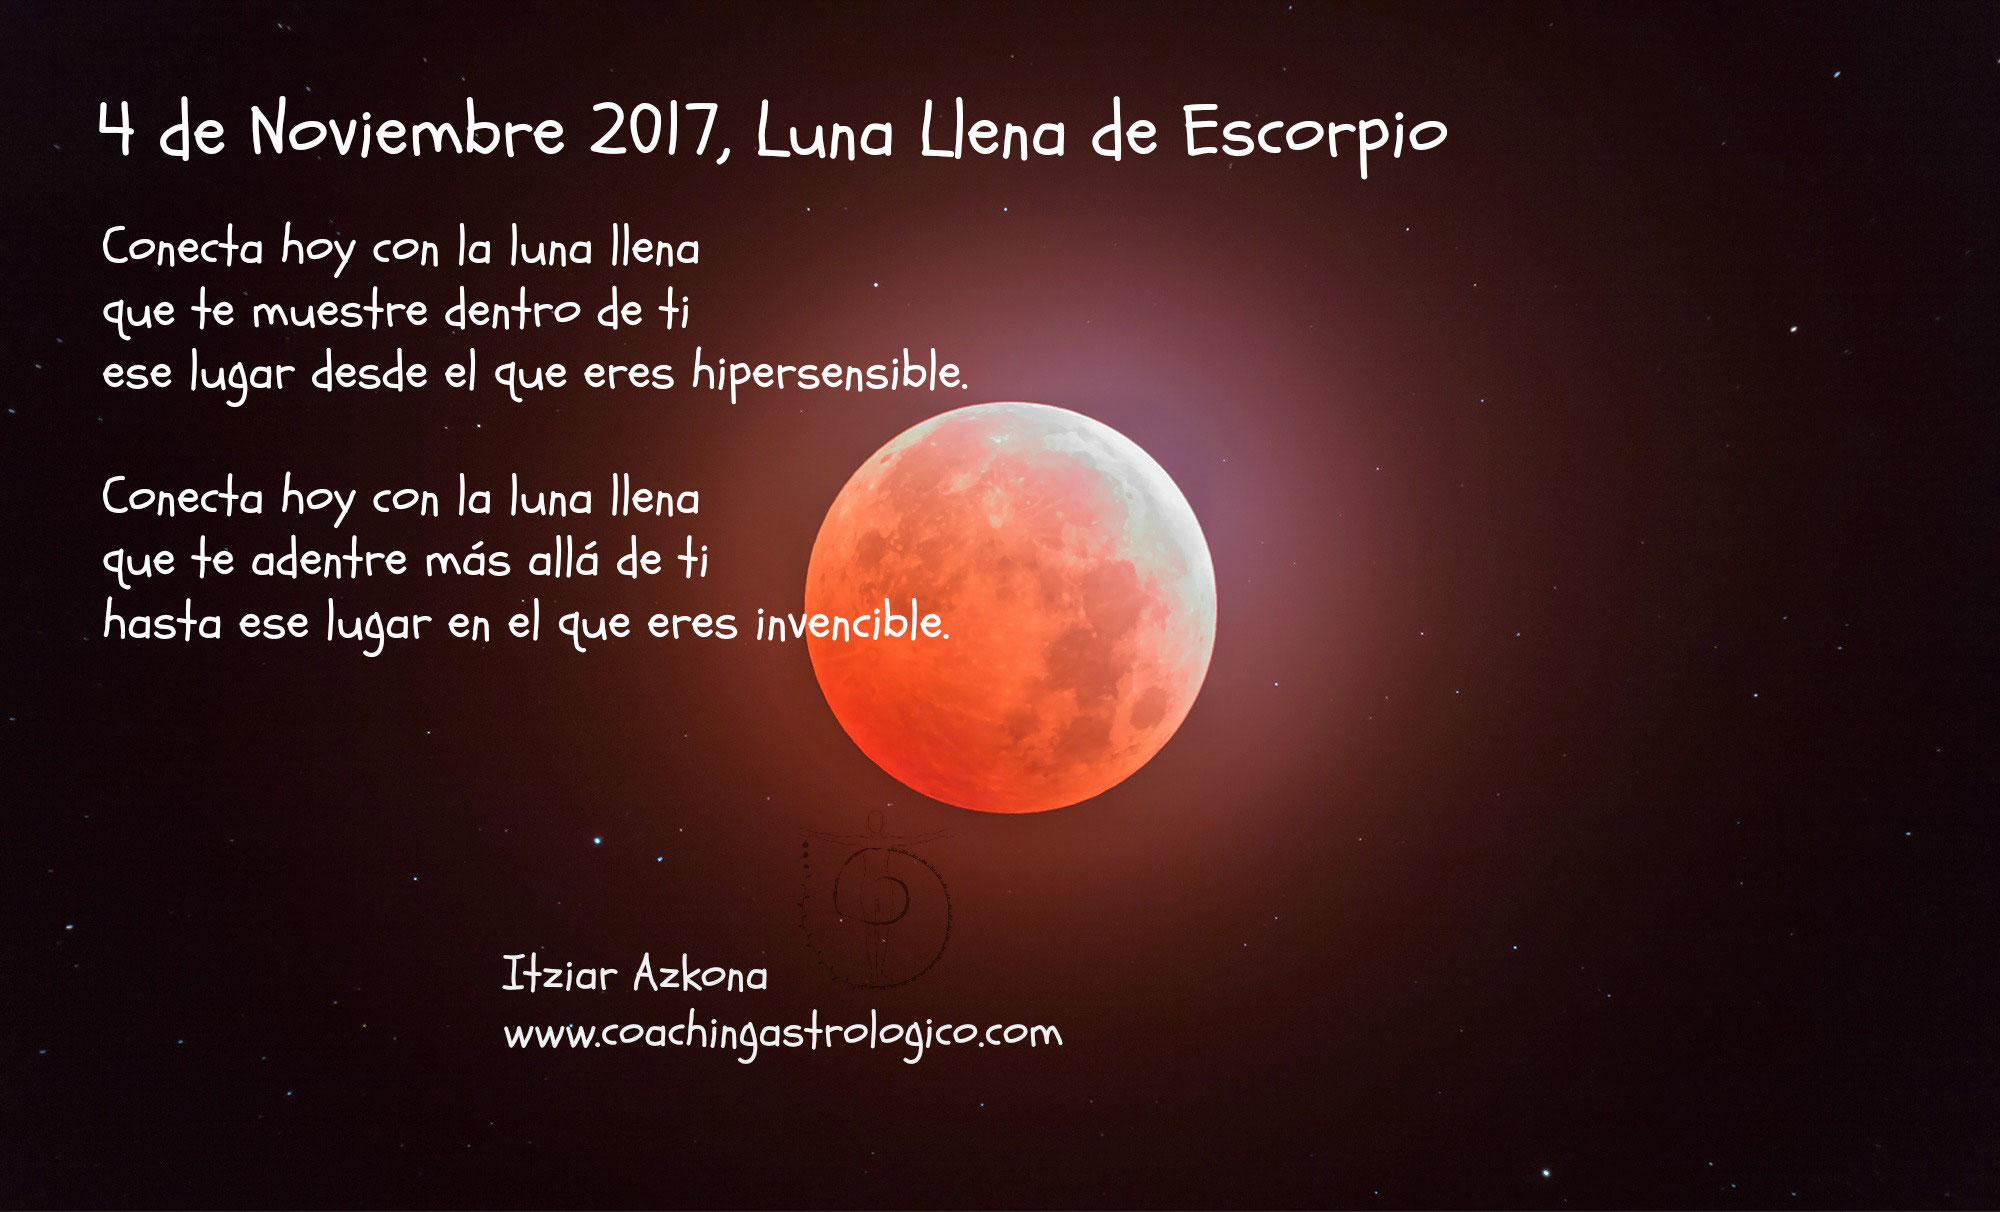 Luna llena de escorpio 4 de noviembre 2017 modus for Cuando es luna nueva